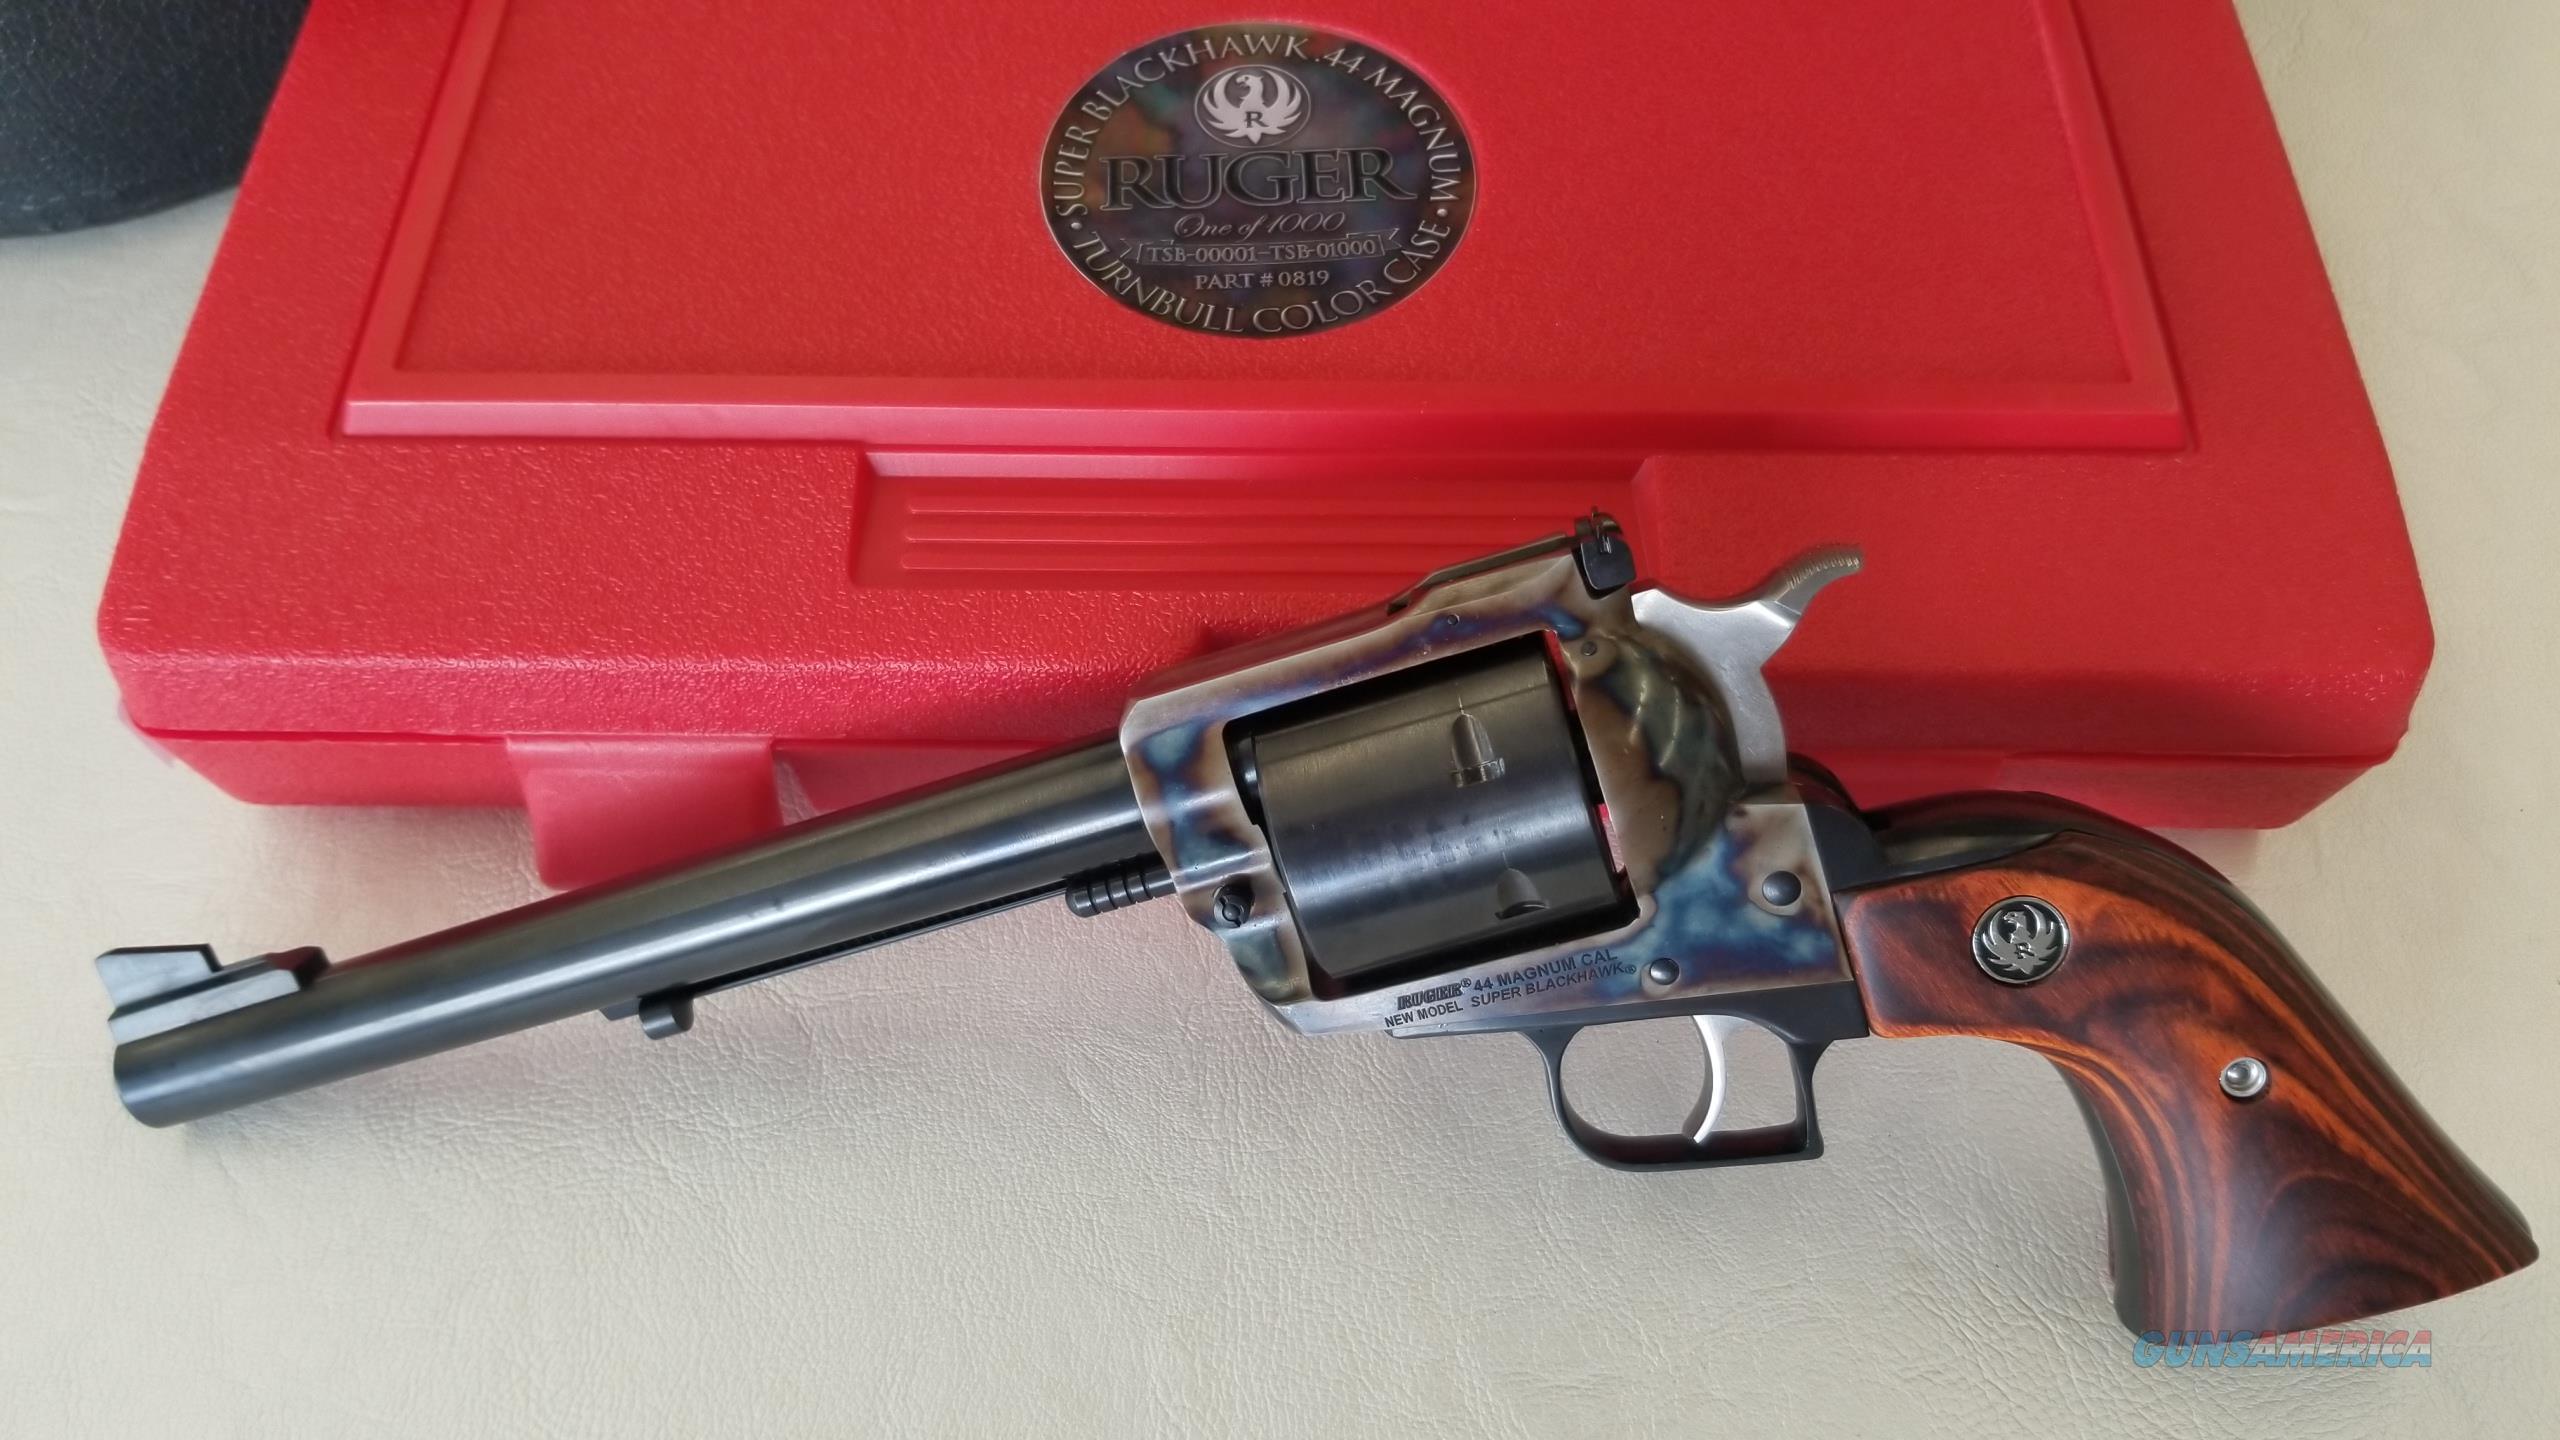 Pre Owned Ruger Super Blackhawk Turnbull Color Case  44 Magnum (1 of 1000)